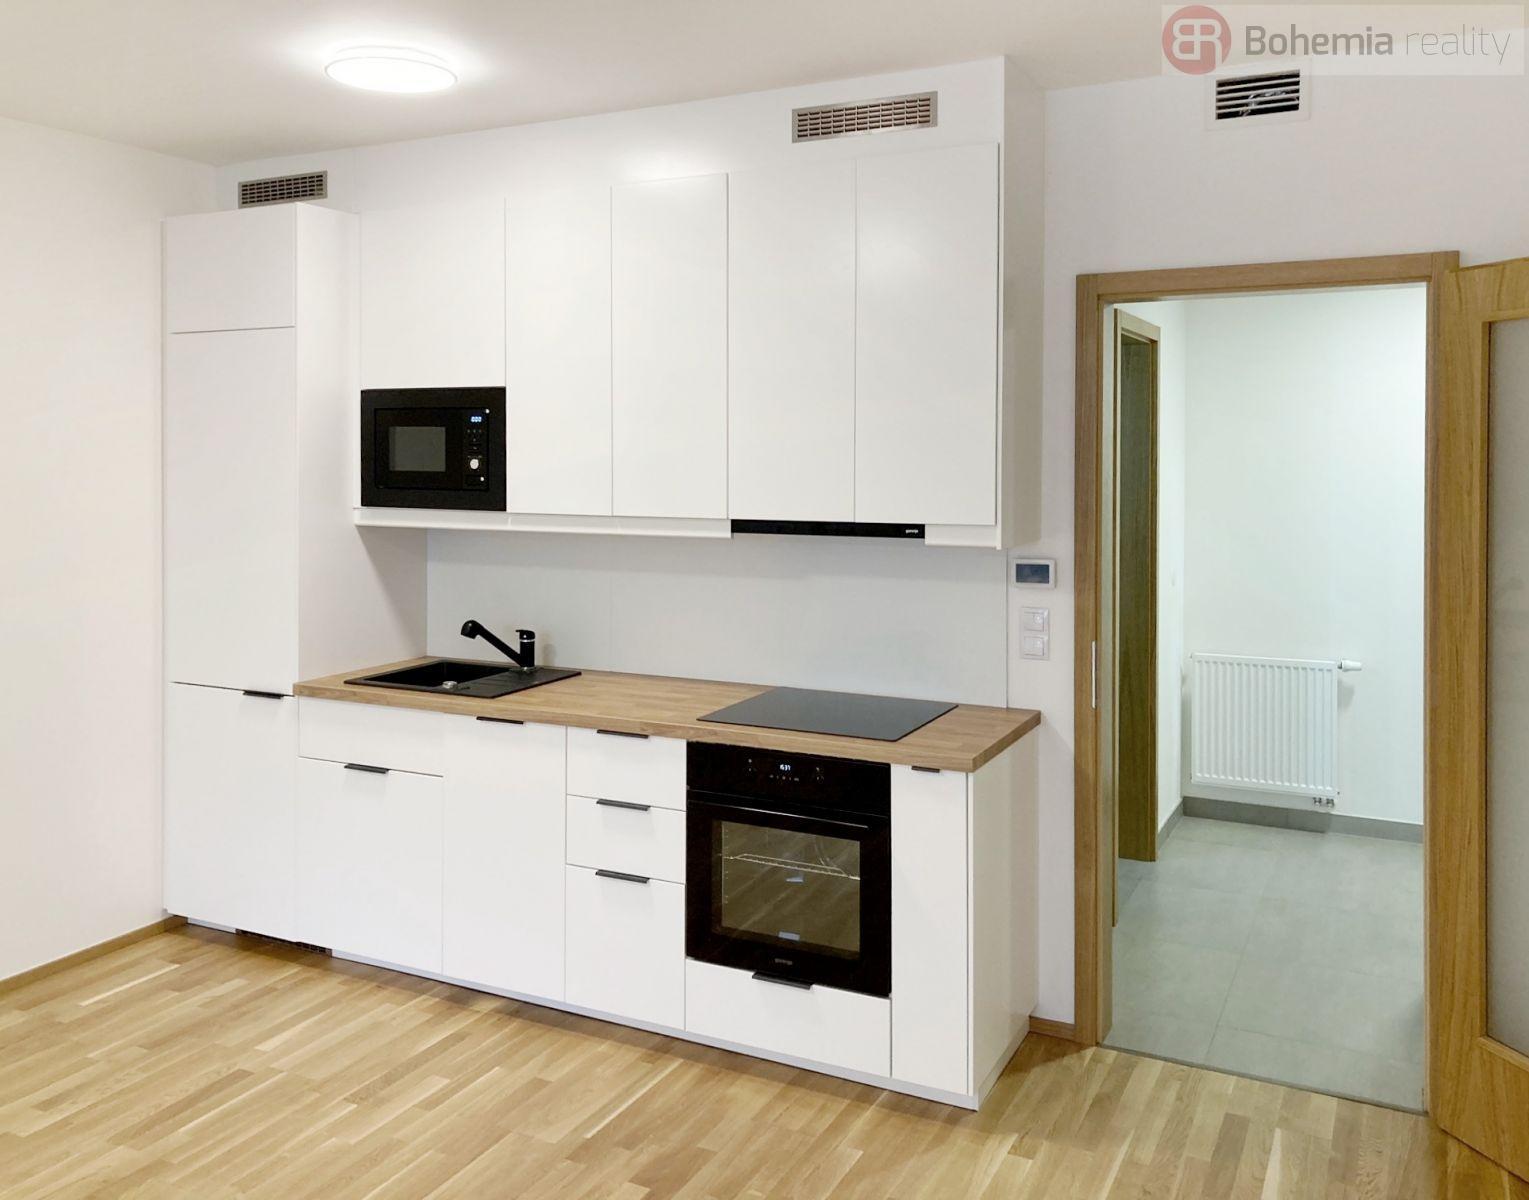 Pronájem nového, částečně zařízeného bytu v novostavbě, 1+kk/L, 52m2, Praha 7 Holešovice.